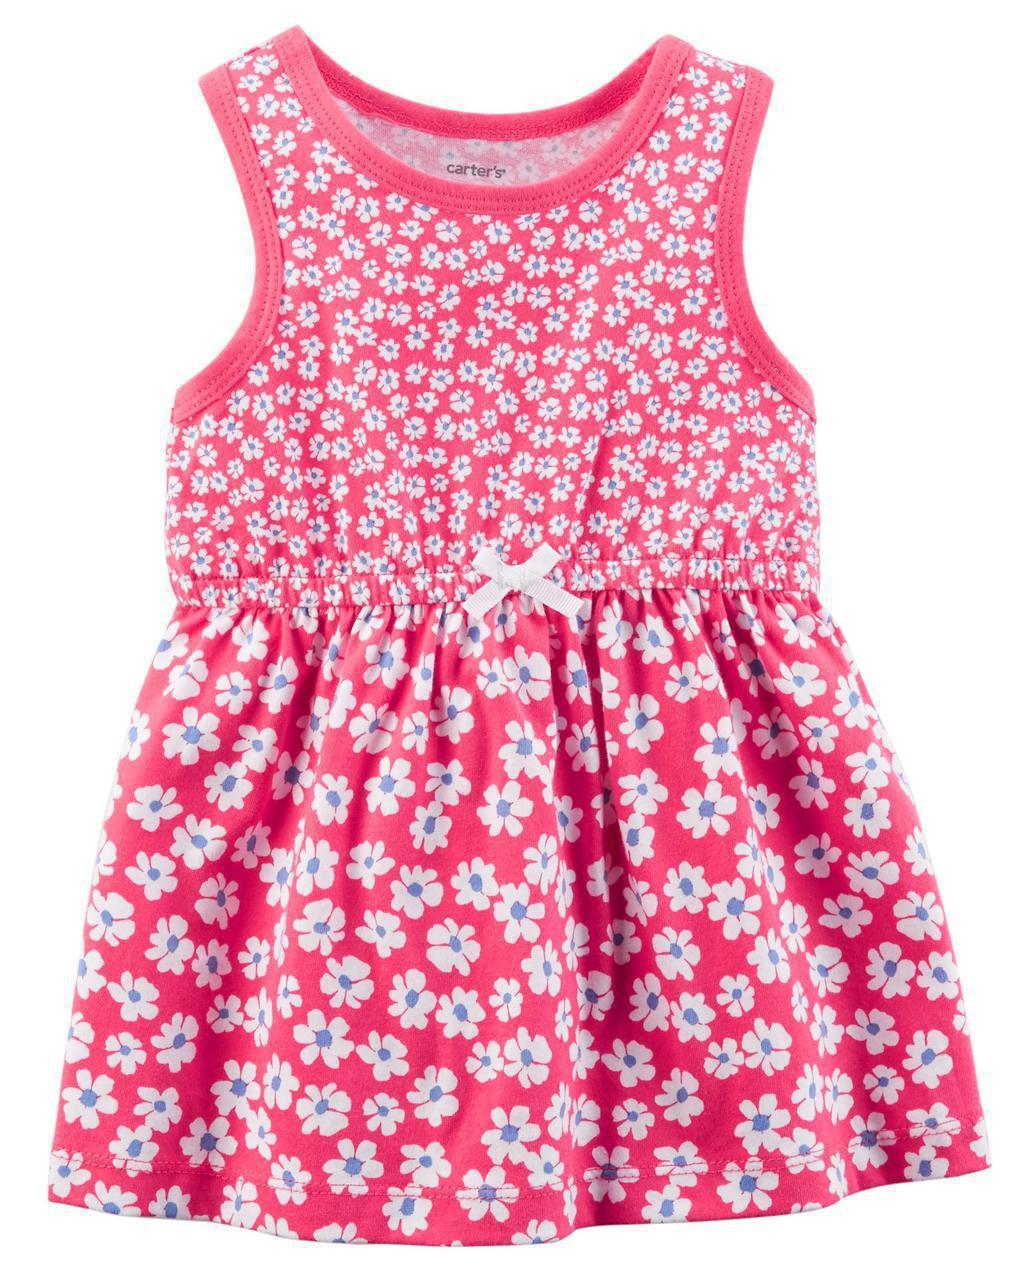 Летнее платье + трусики Carters на новорожденную девочку до 55 см. Комплект 2-ка